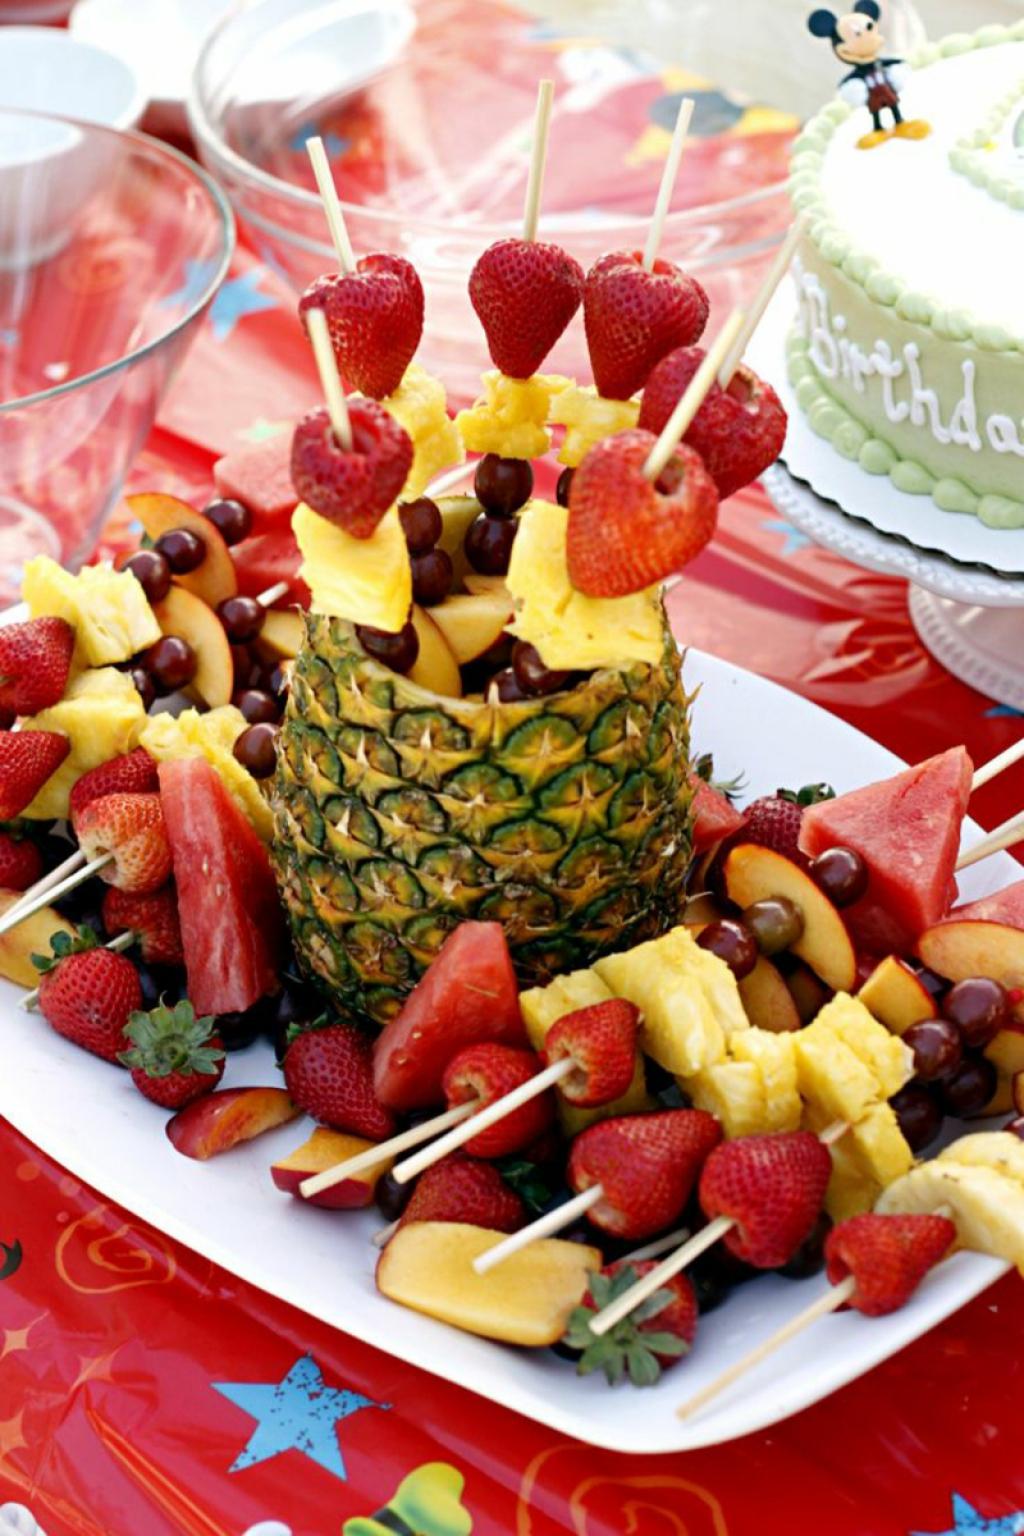 Оформление детского дня рождения фруктами